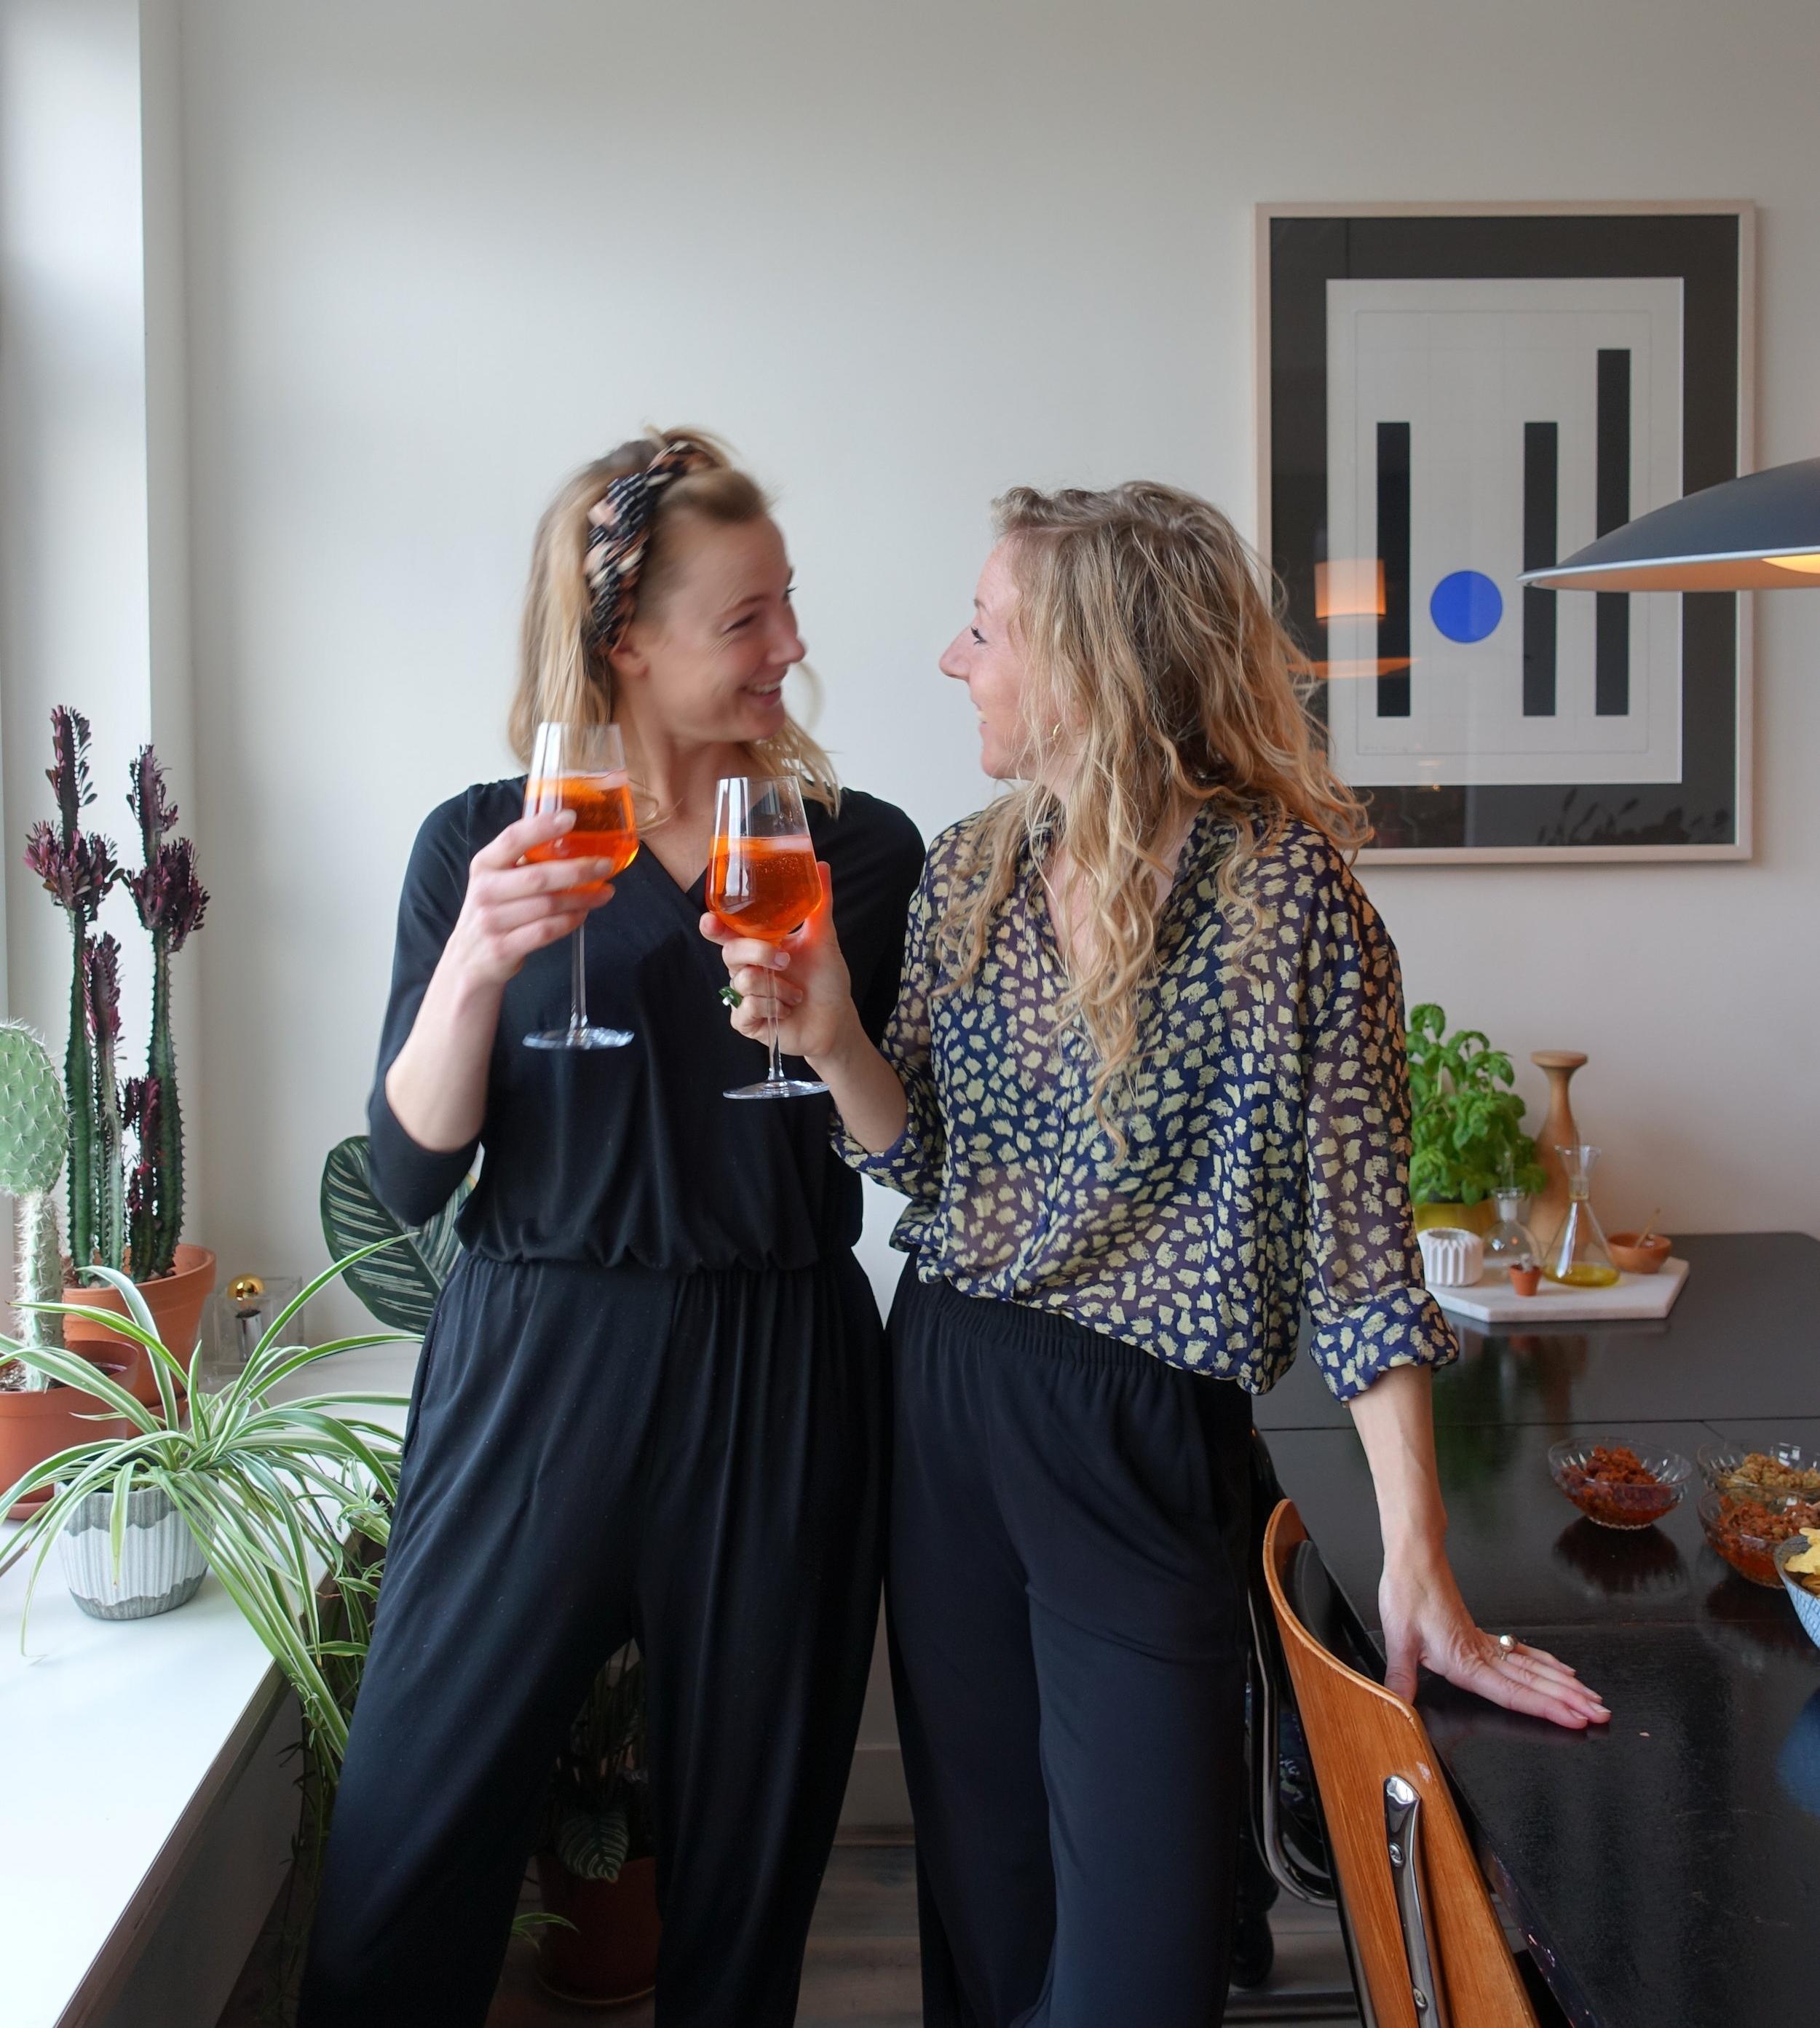 Starla en Annejet proostten afgelopen vrijdag op de mooie YEDS jaren en op een full-time vriendschap na 4,5 jaar samenwerken.